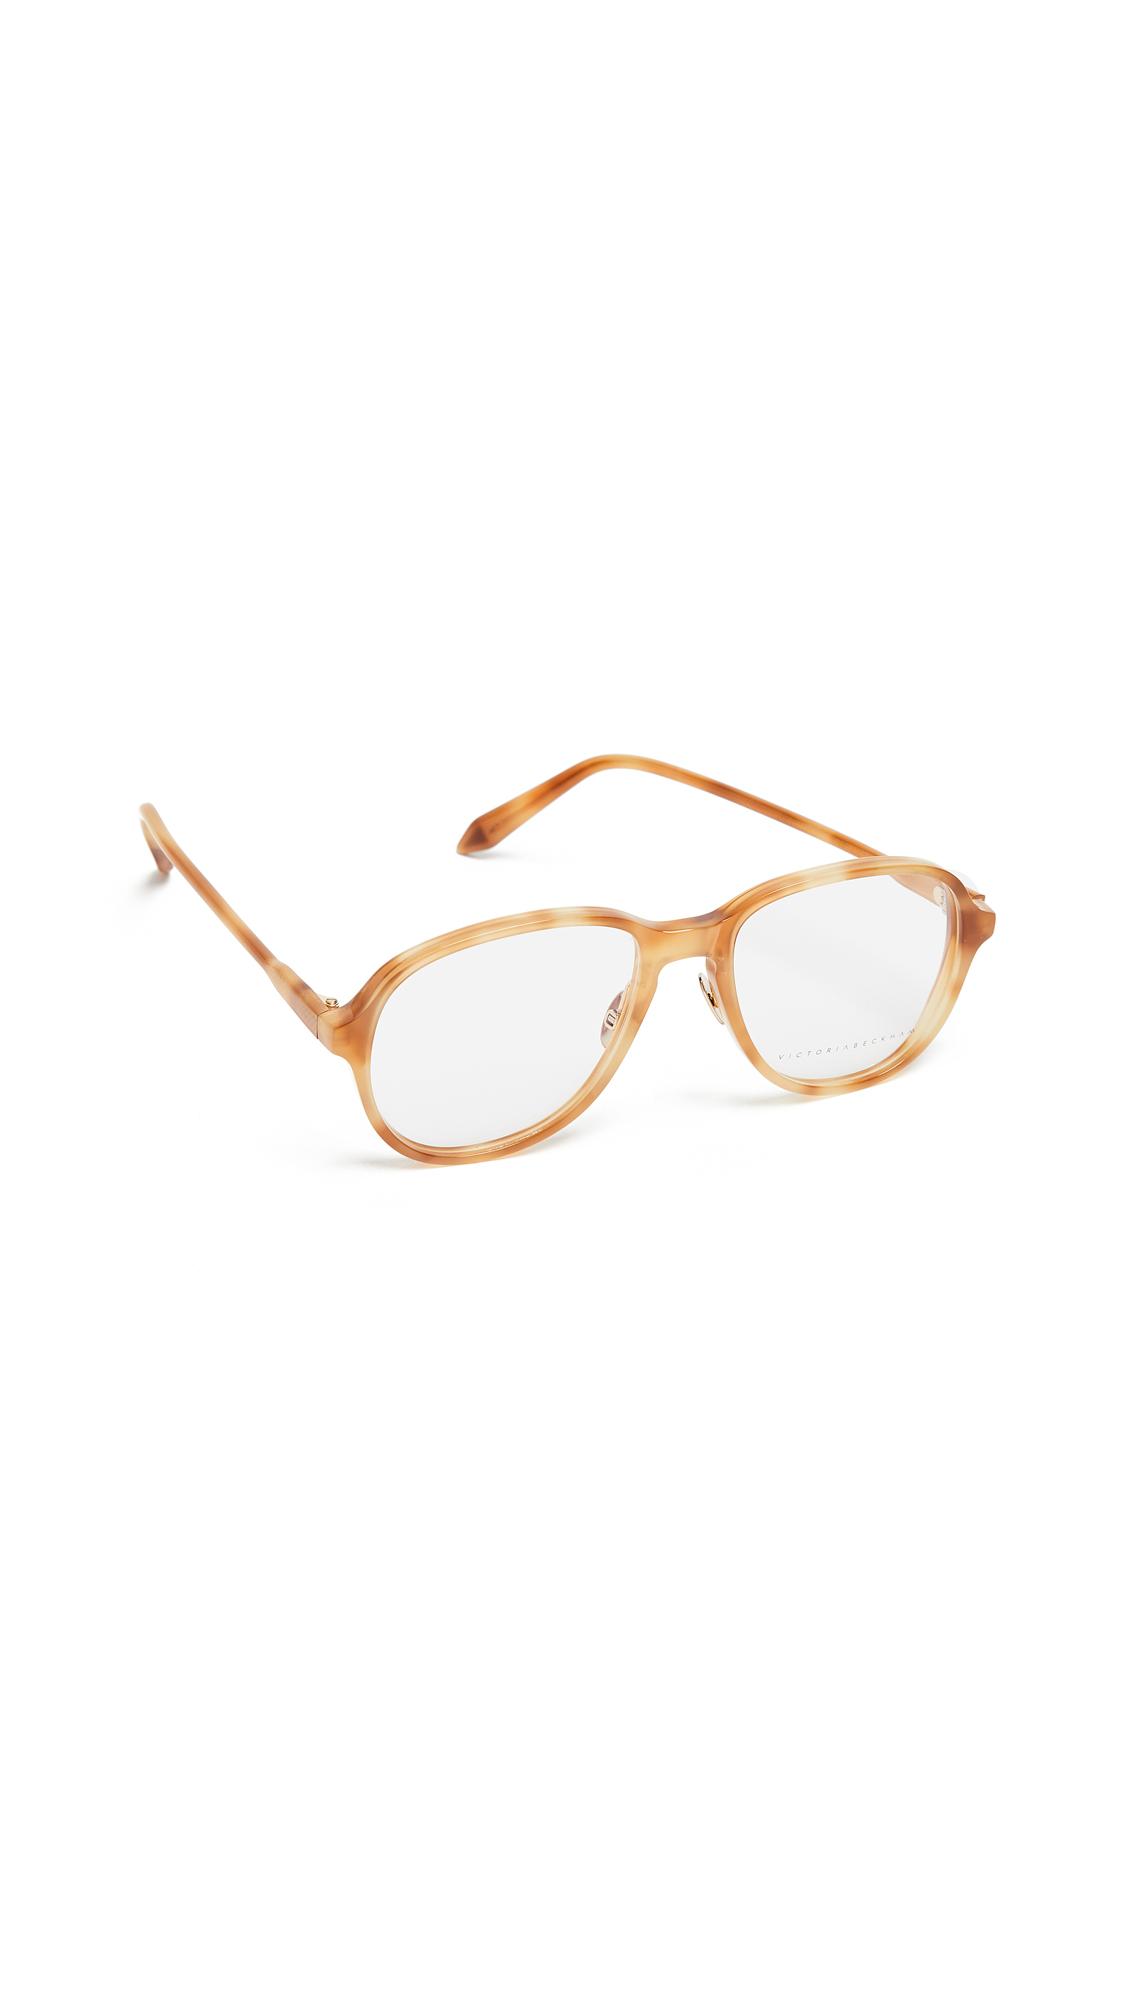 Victoria Beckham Fine Oval Glasses - Ginger Tort